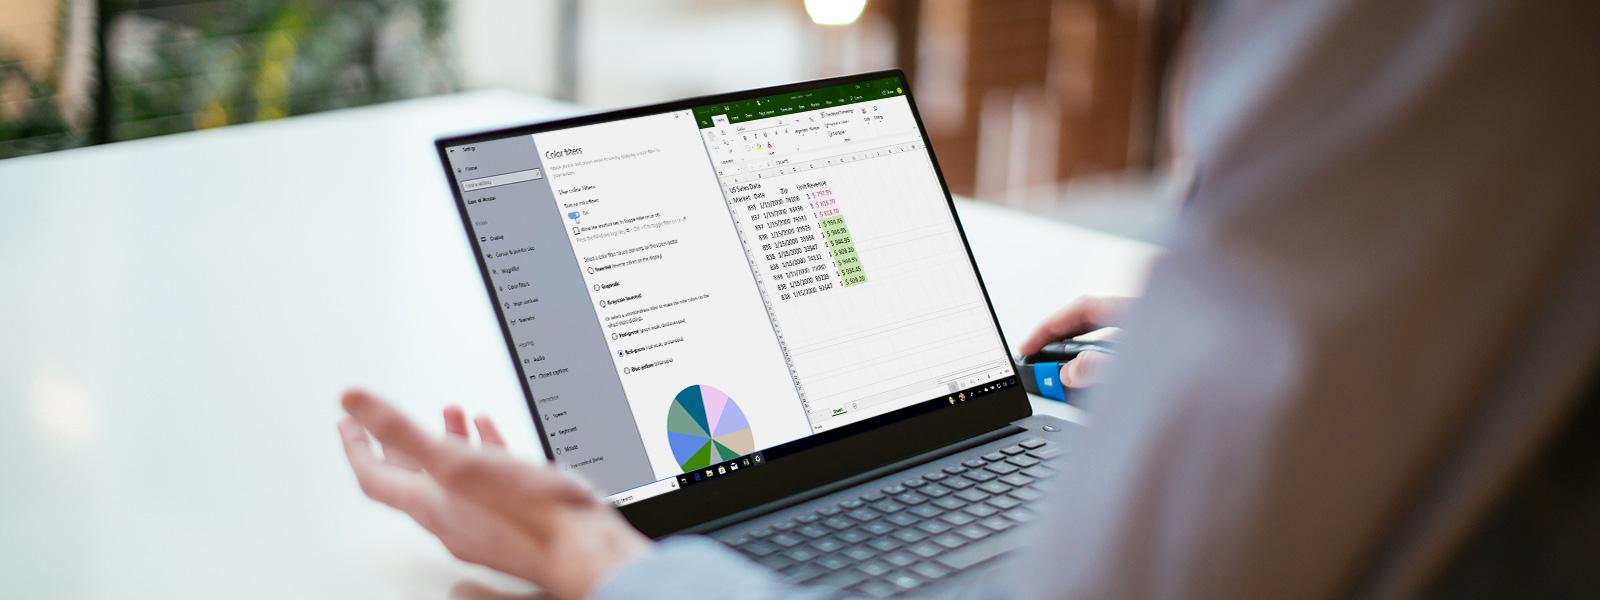 Windows 10'da renk filtreleri etkinleştirilmiş şekilde dizüstü bilgisayarını kullanan kişi